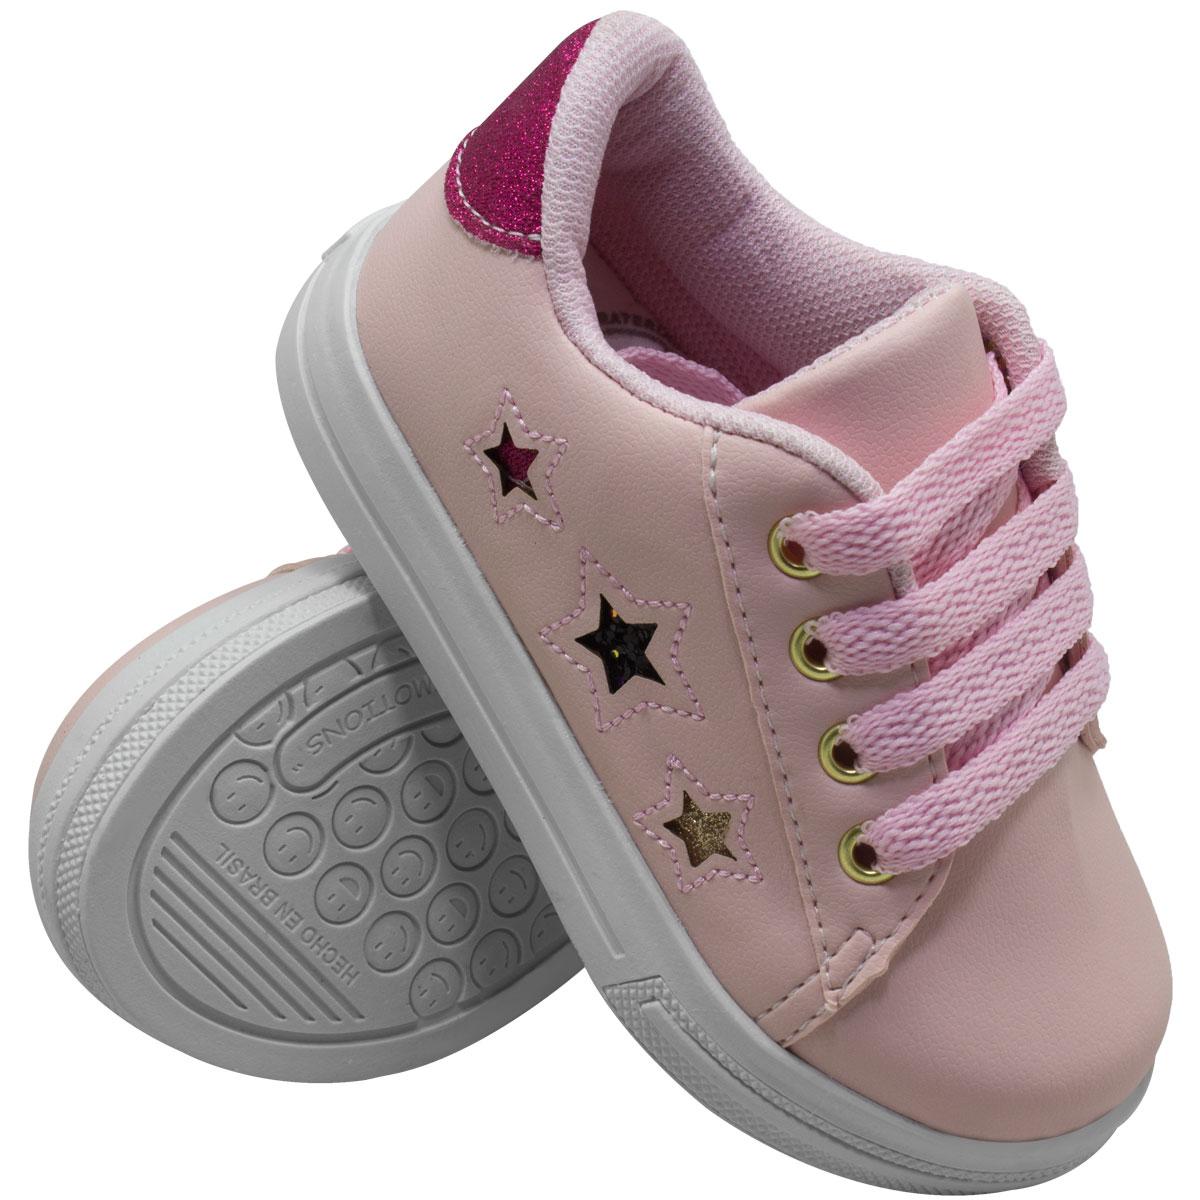 Tênis Infantil Feminino Três Estrelas Skater 30-2037-07